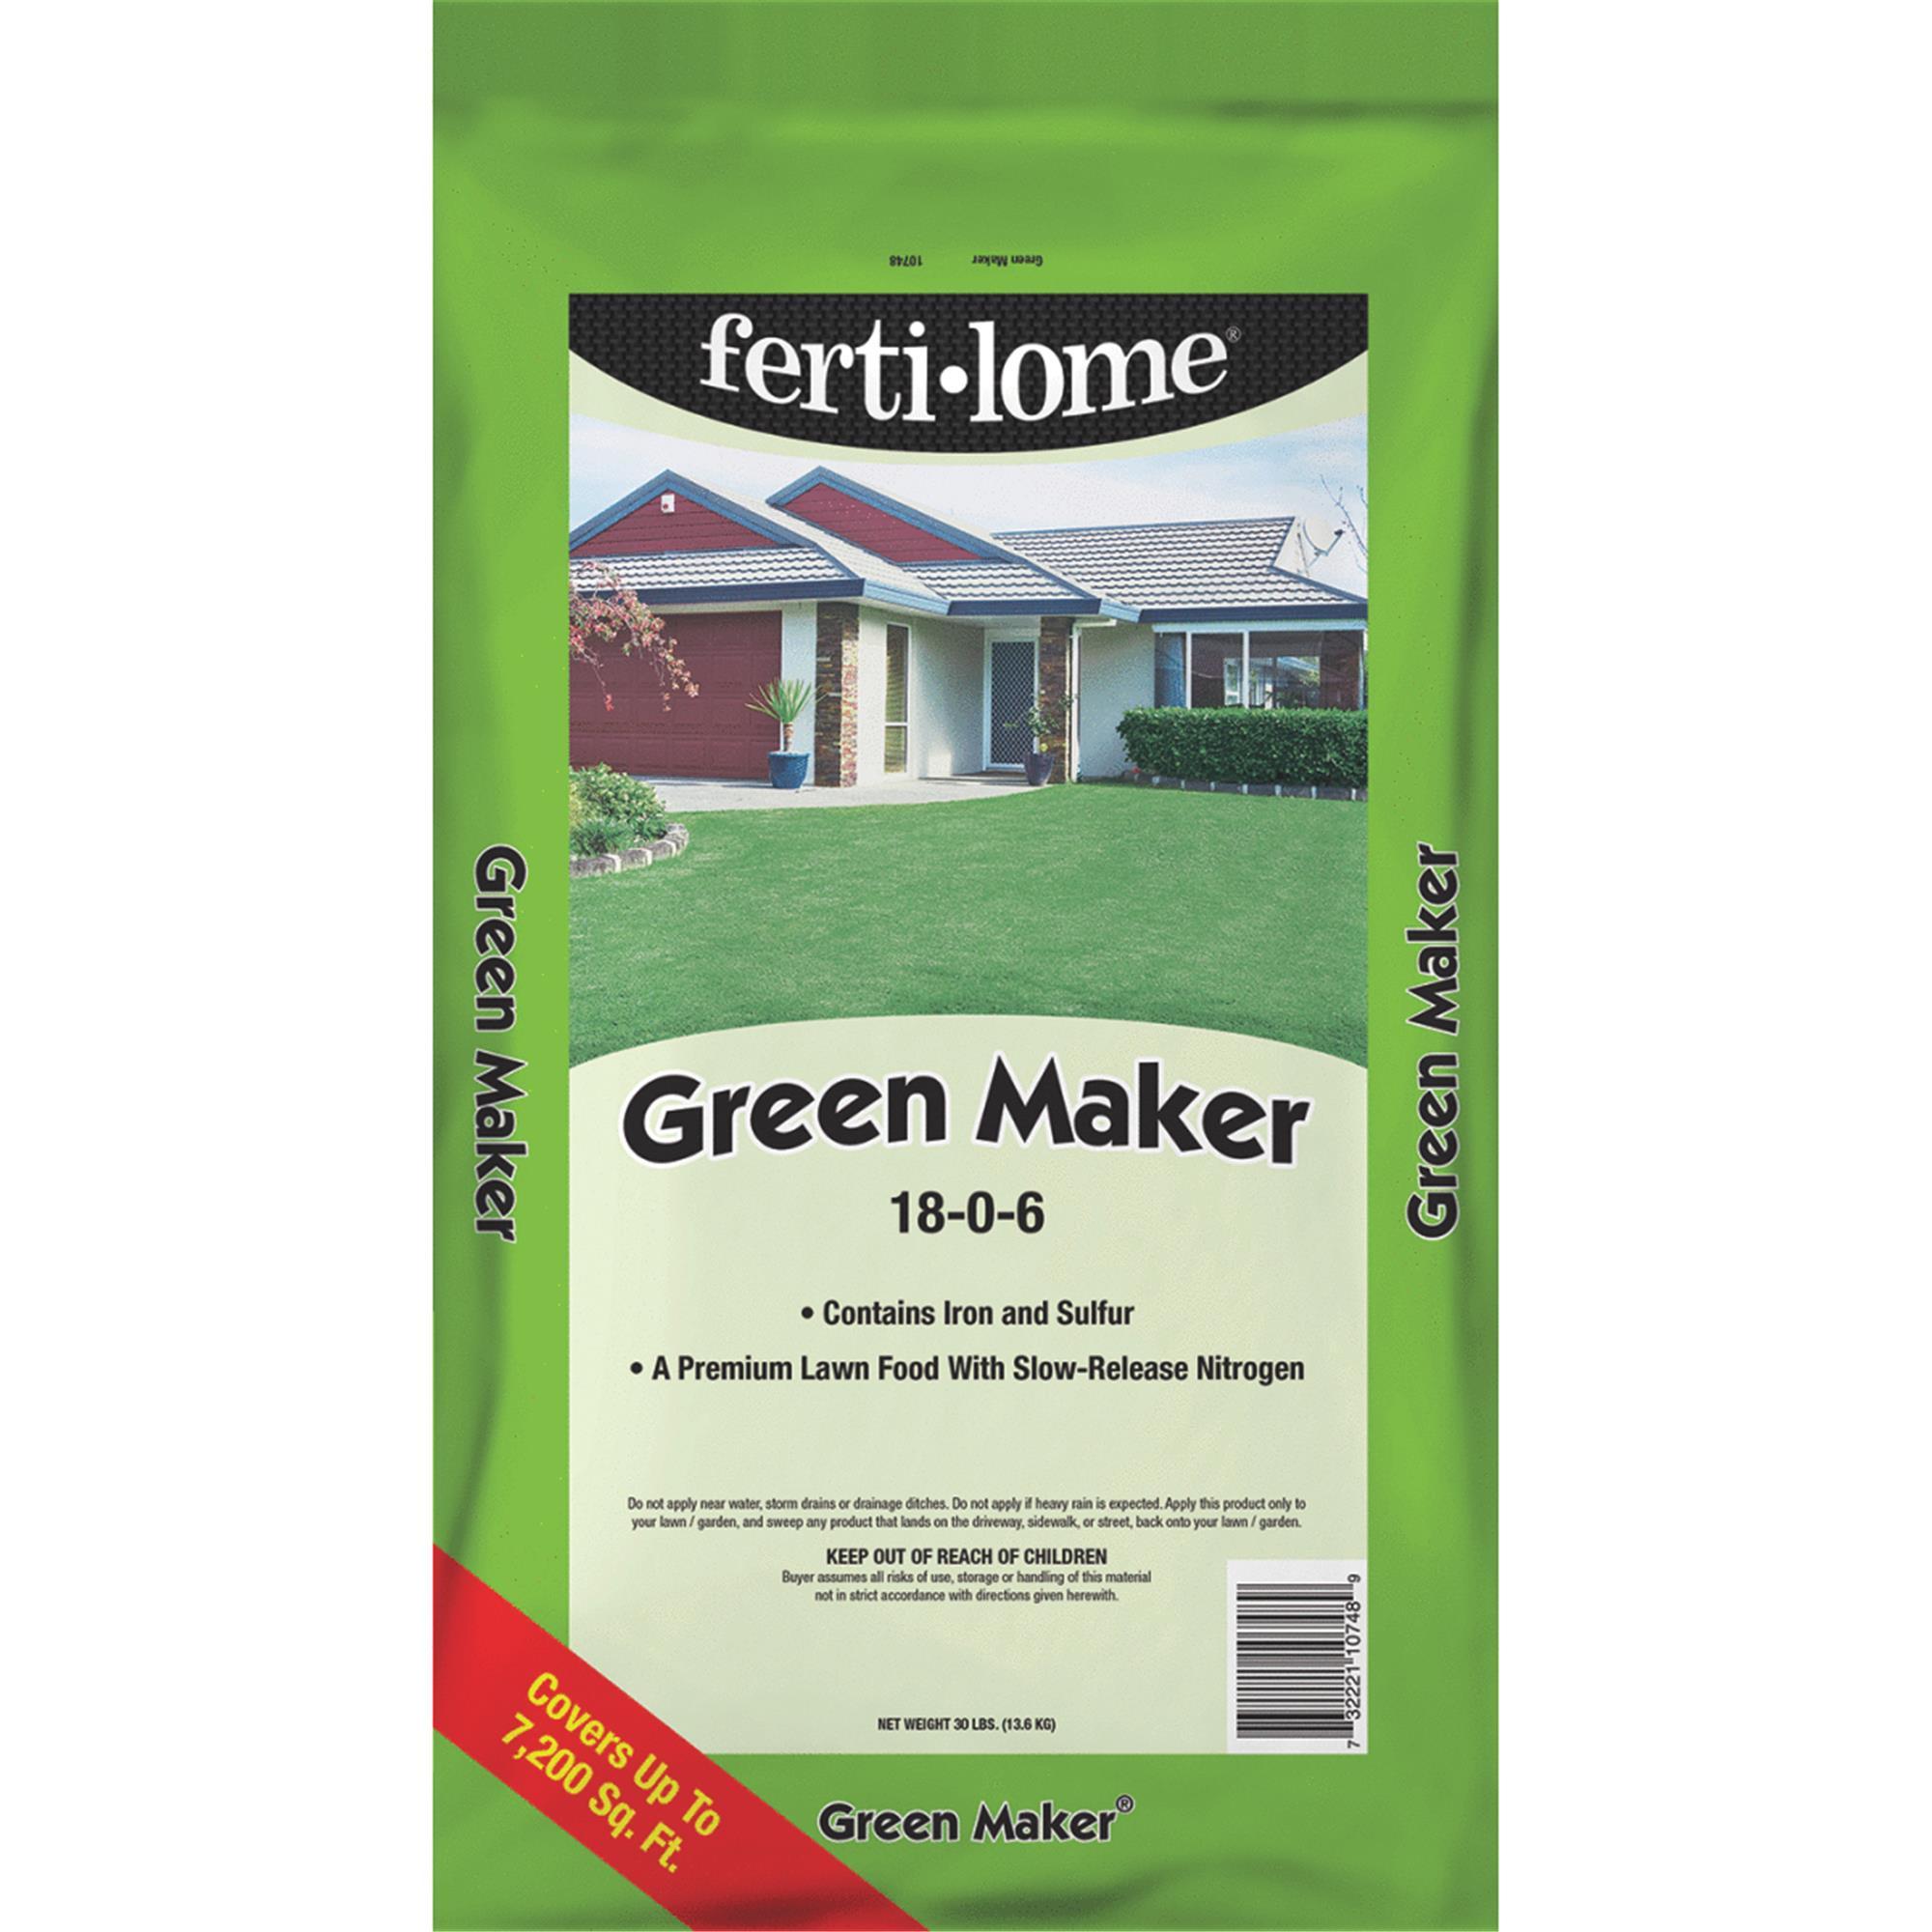 Ferti-lome Green Maker Lawn Fertilizer